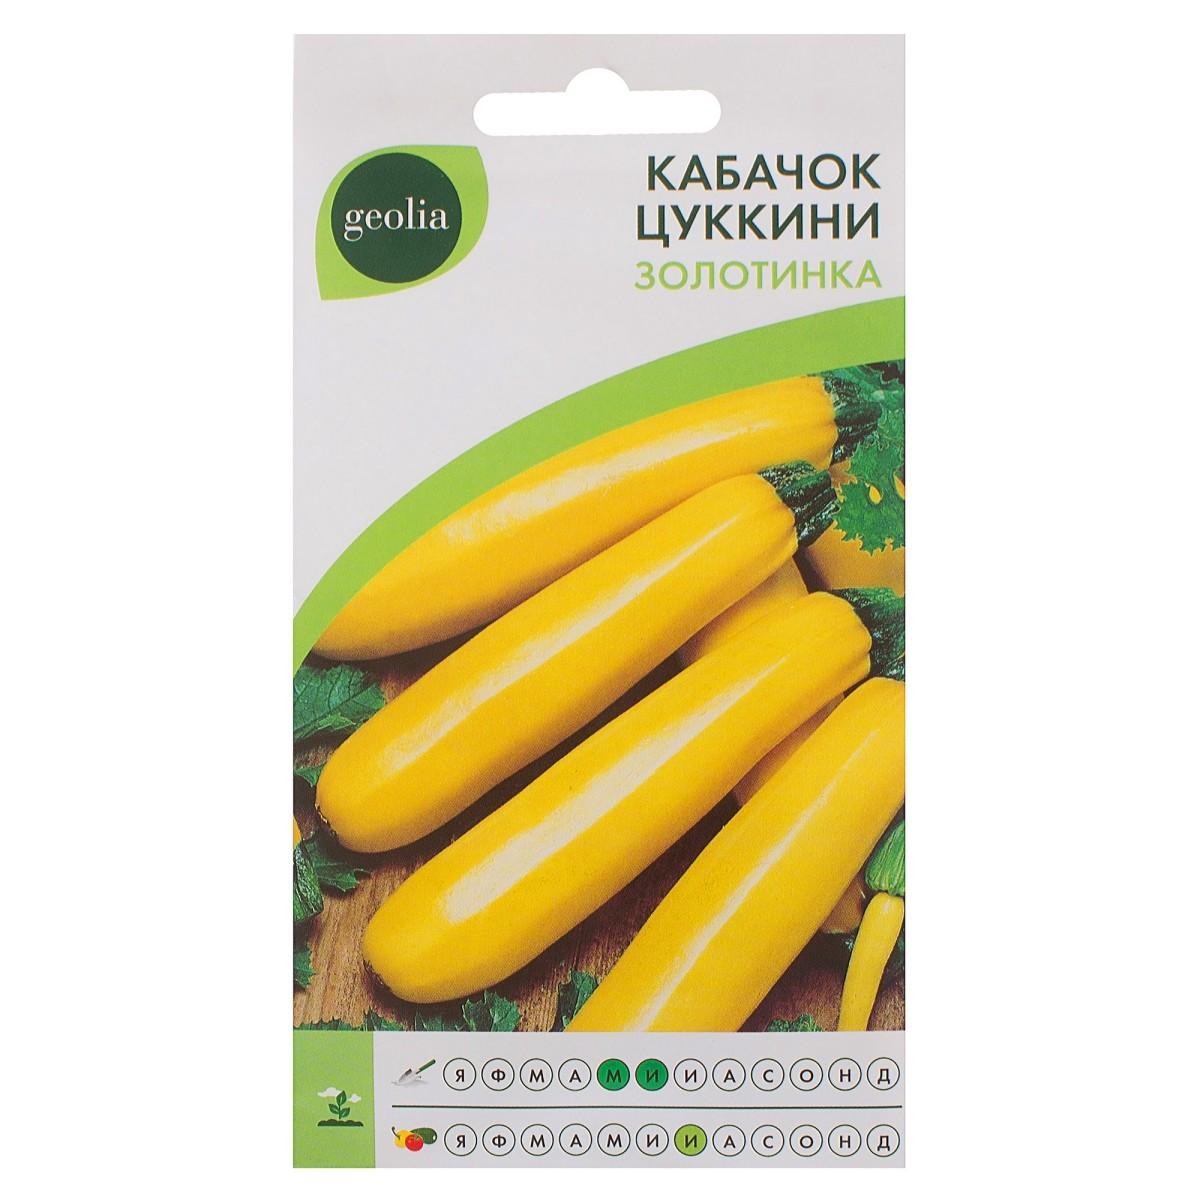 Семена Кабачок-цукини Geolia Золотинка